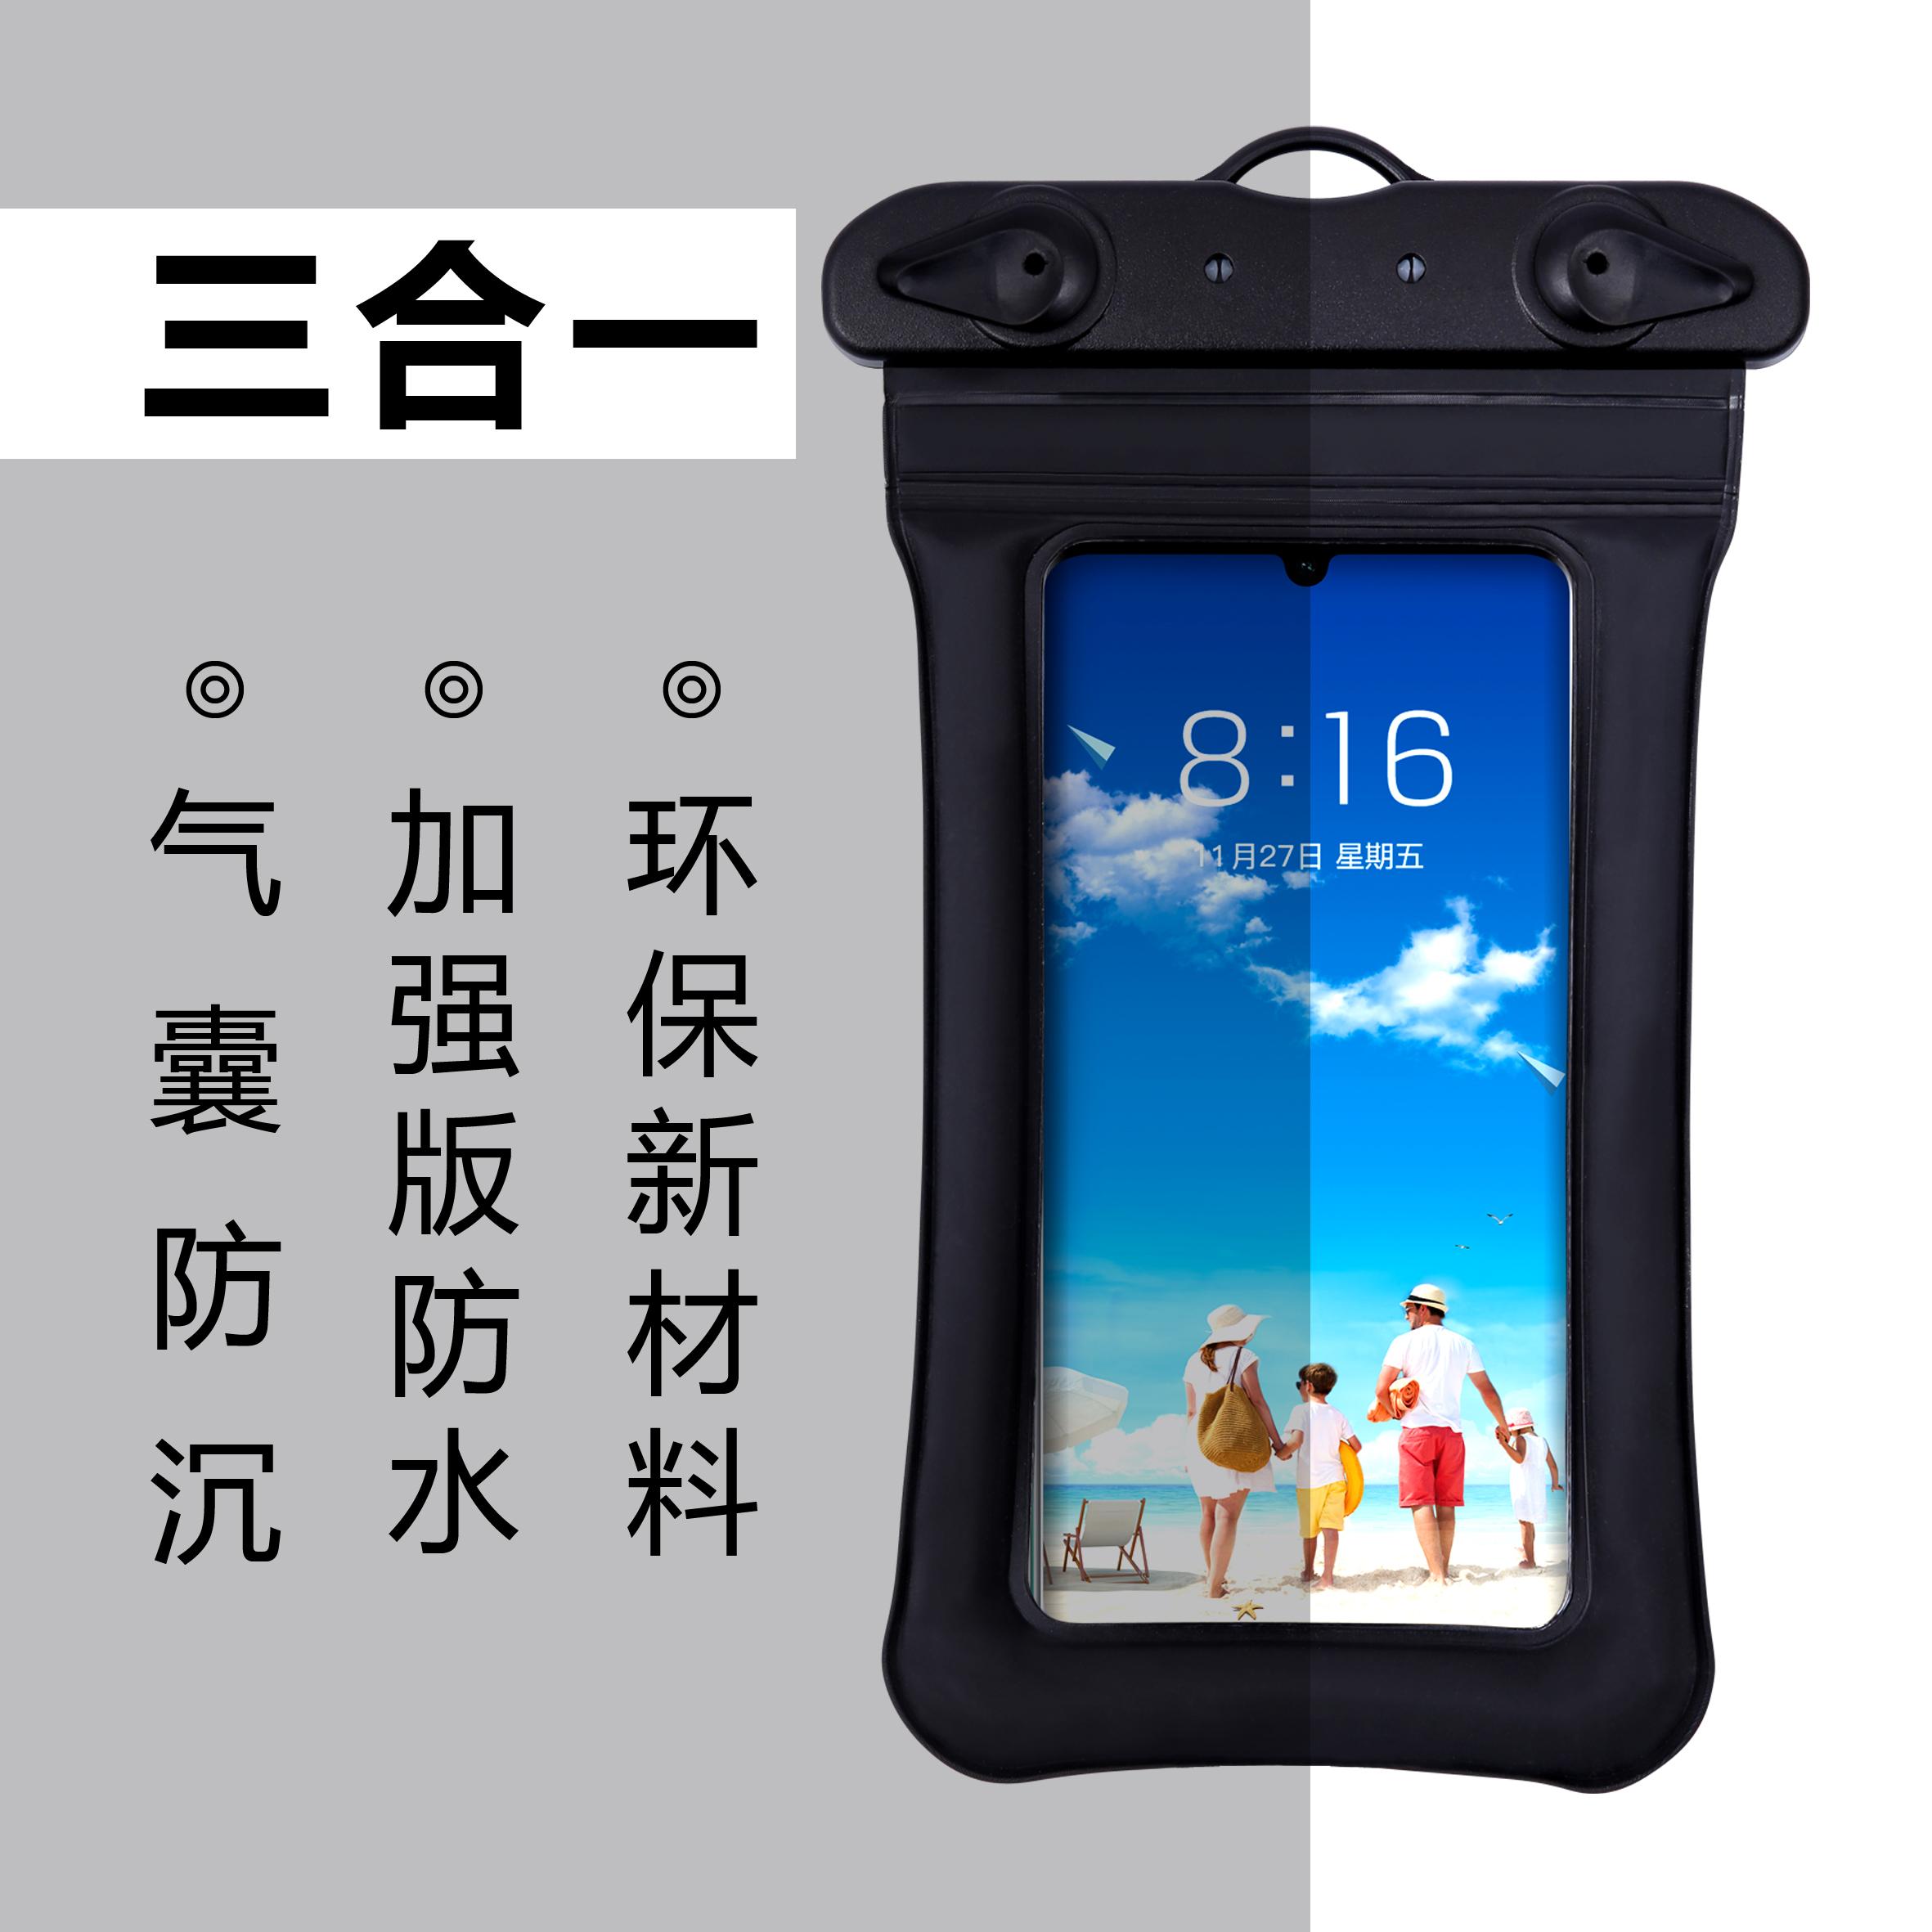 手机防水袋漂流触屏通用游泳防雨壳防尘包苹果华为小米OV外卖骑手7.80元包邮